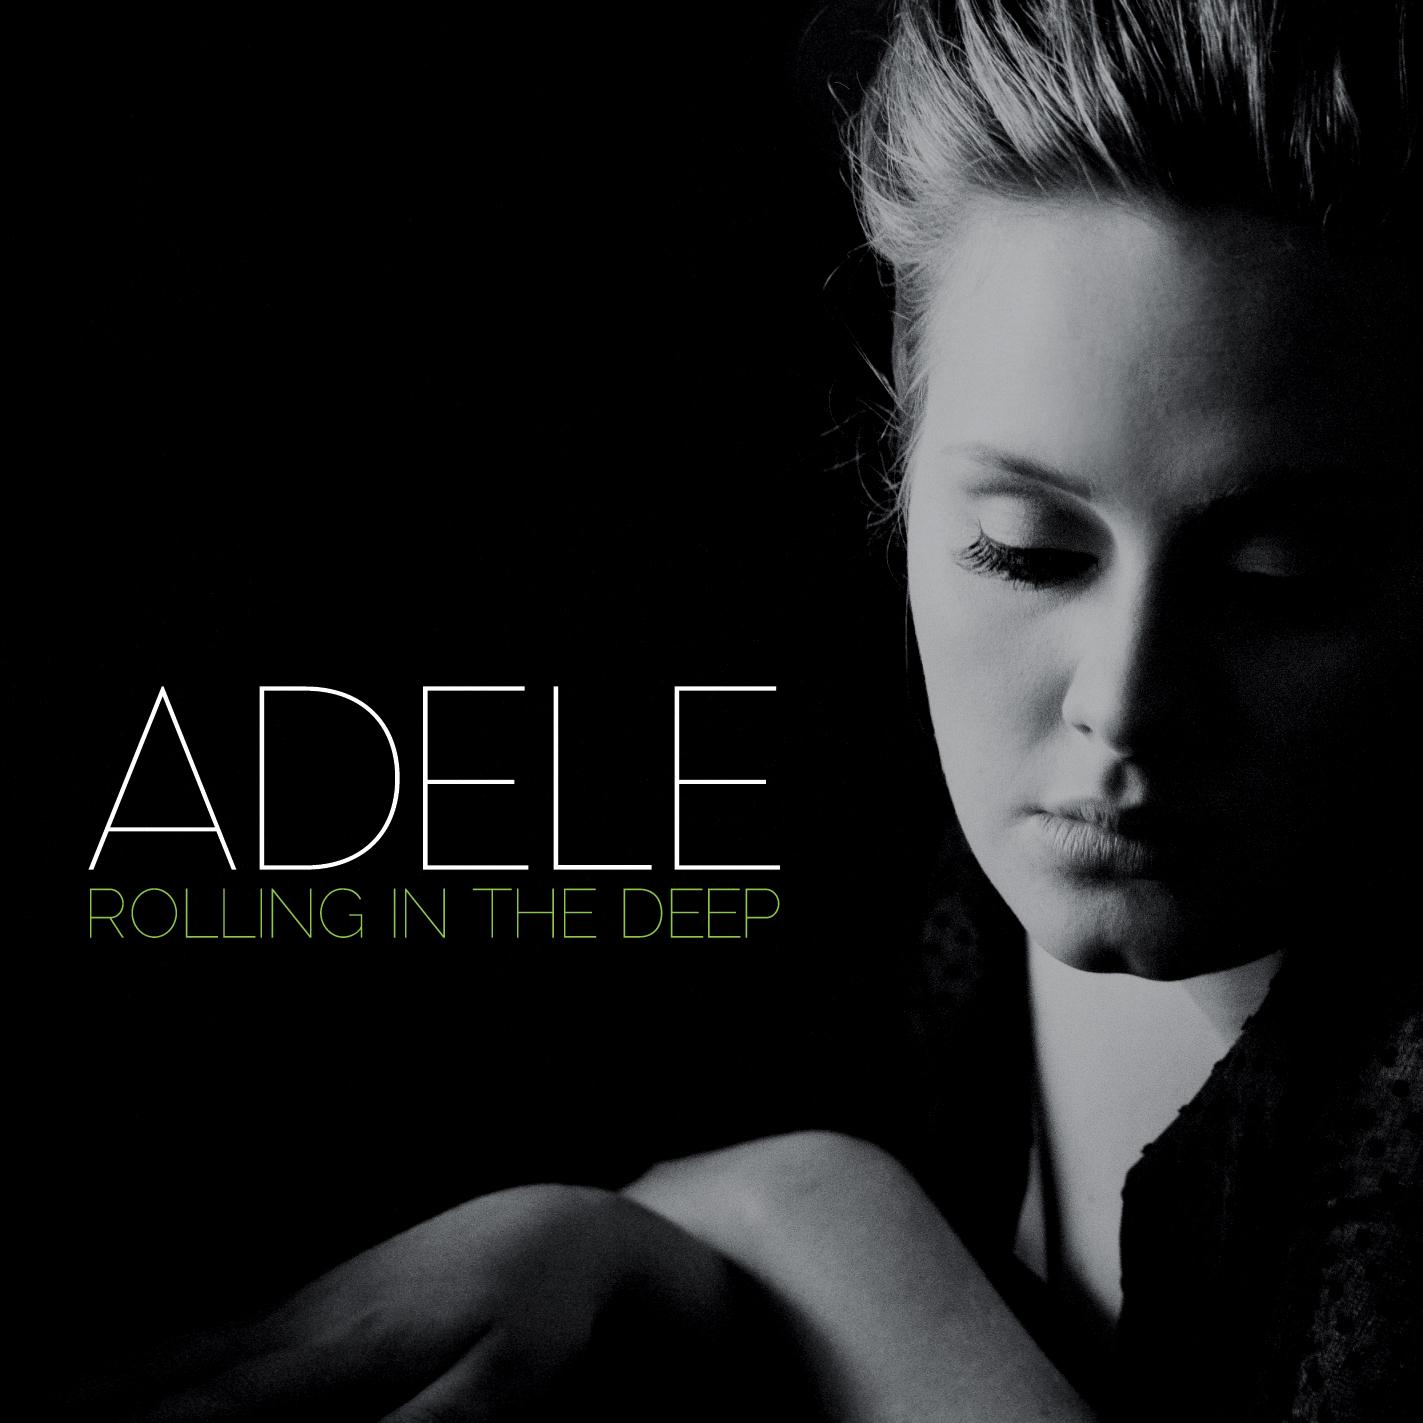 http://3.bp.blogspot.com/-GSusEXGh7Qo/UUR5l7MSrzI/AAAAAAAAHmY/X3JMl6QA-W8/s1600/Adele++Rolling+in+The+Deep.jpg